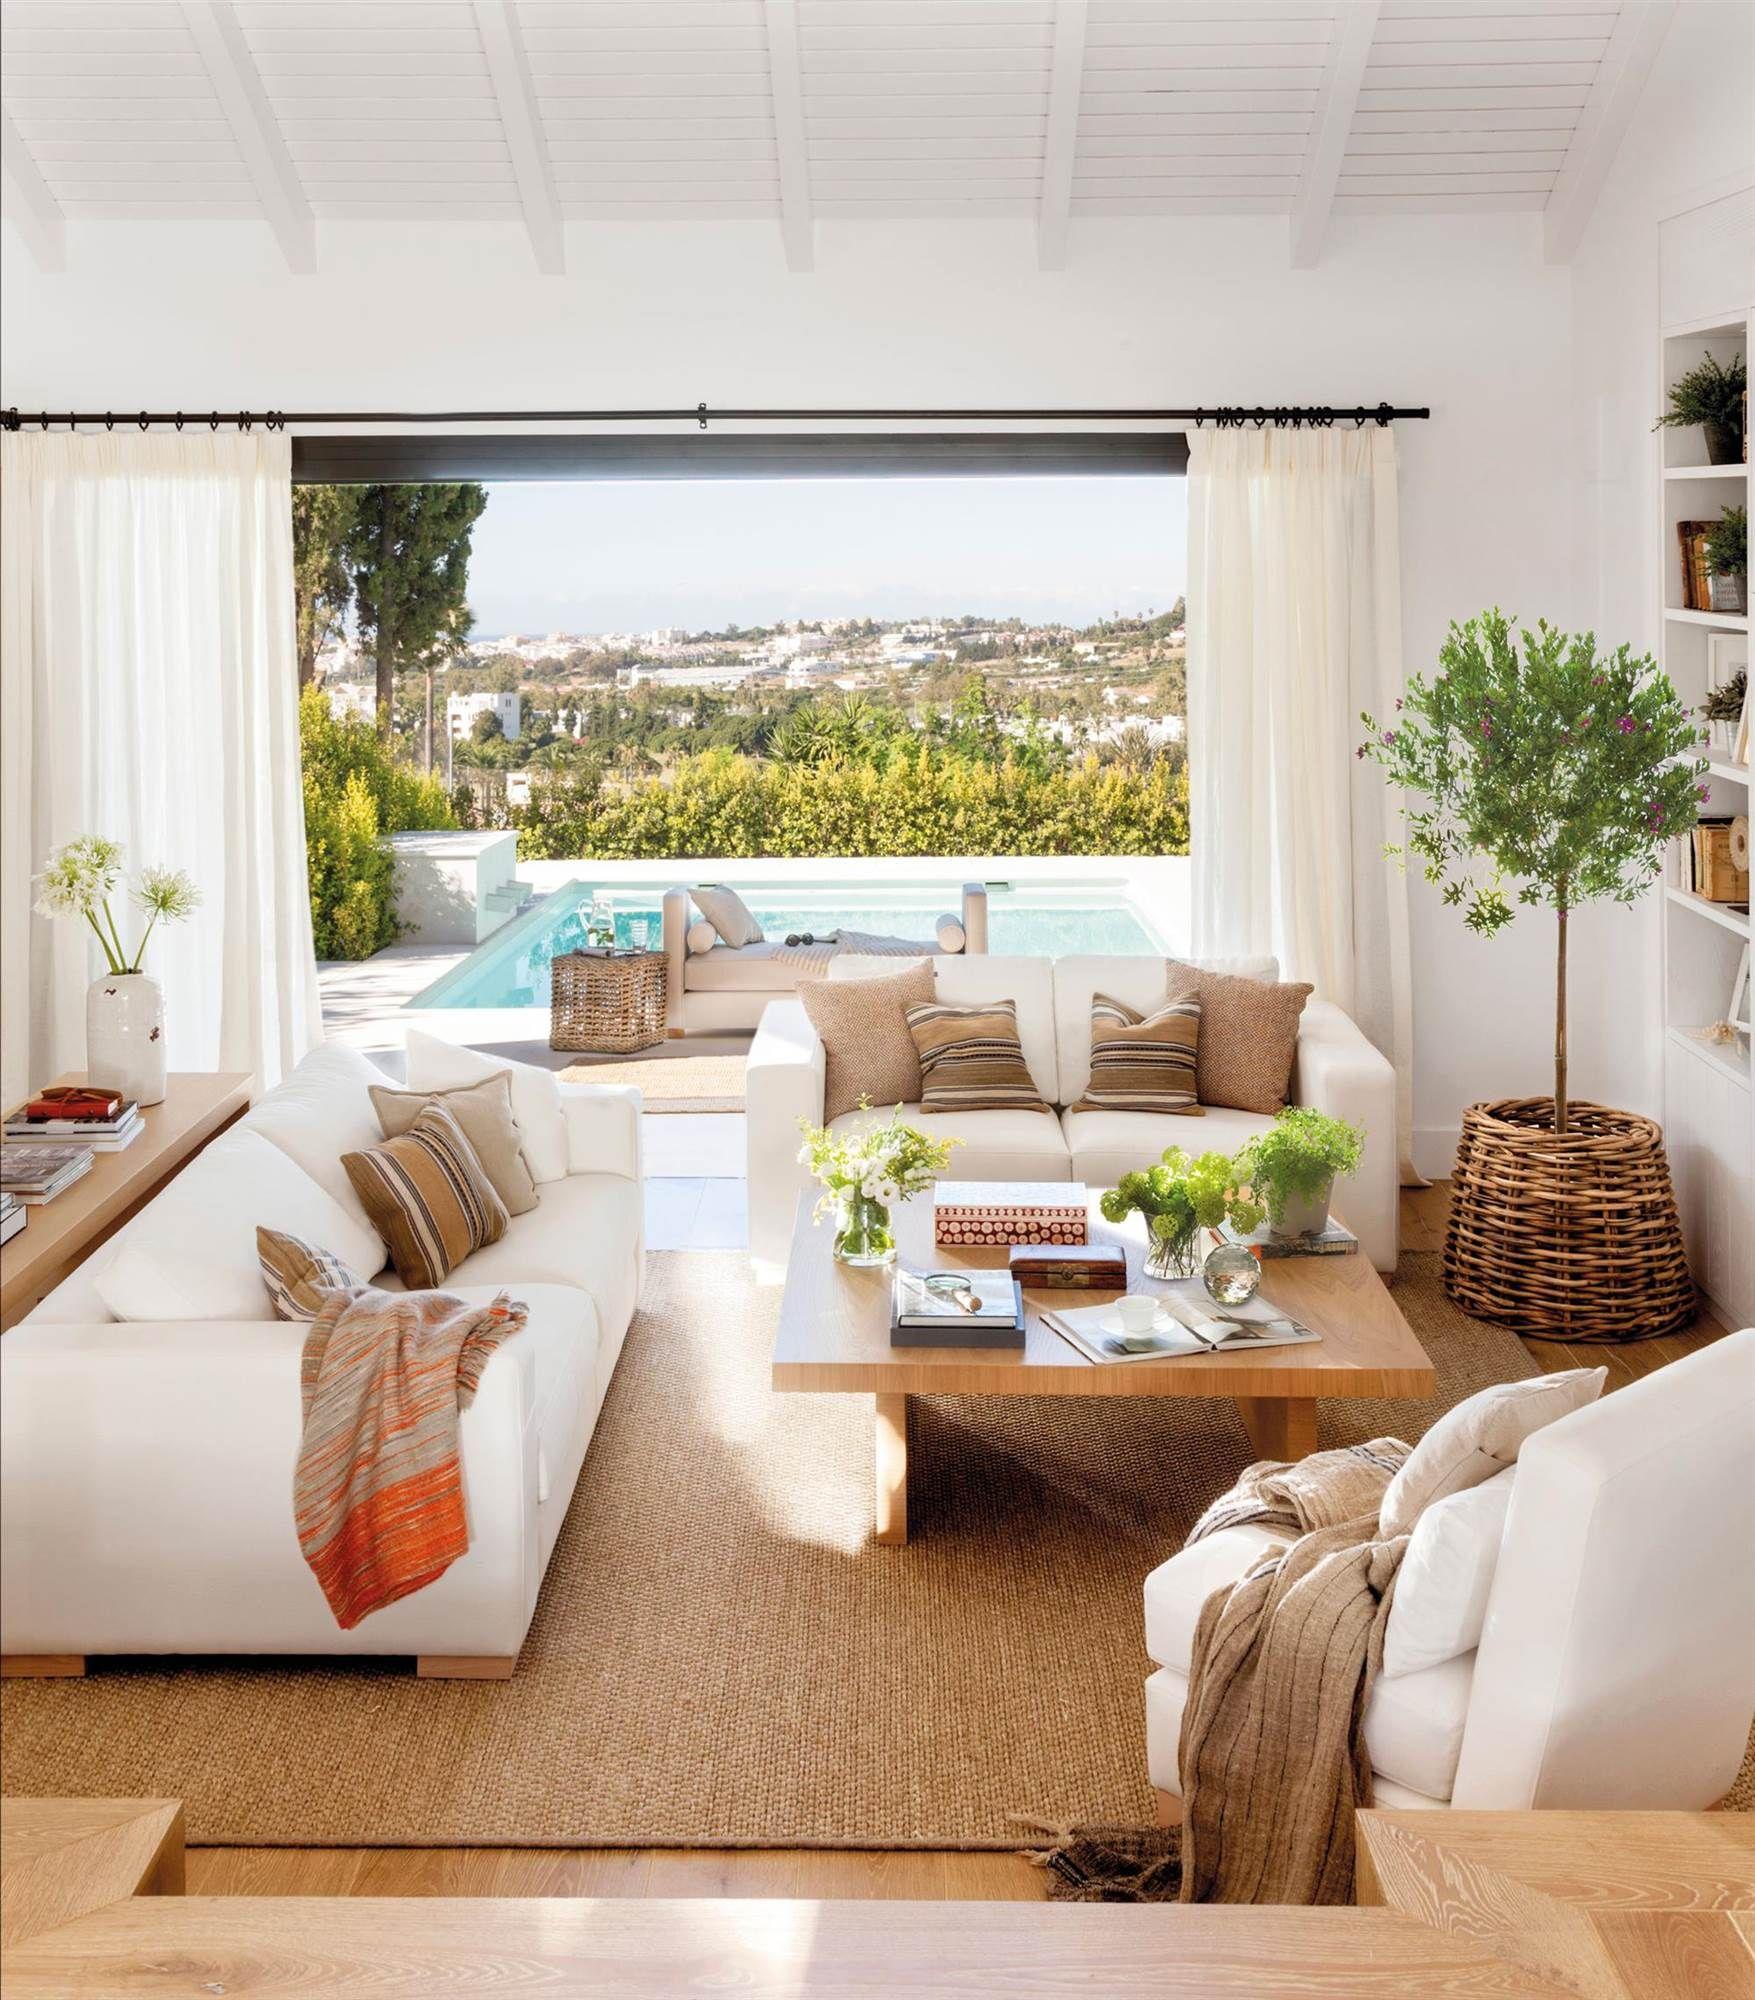 Sal n blanco con vistas a piscina sof s blancos cojines marrones y alfombra de sisal 00465229 - Cojines marrones ...